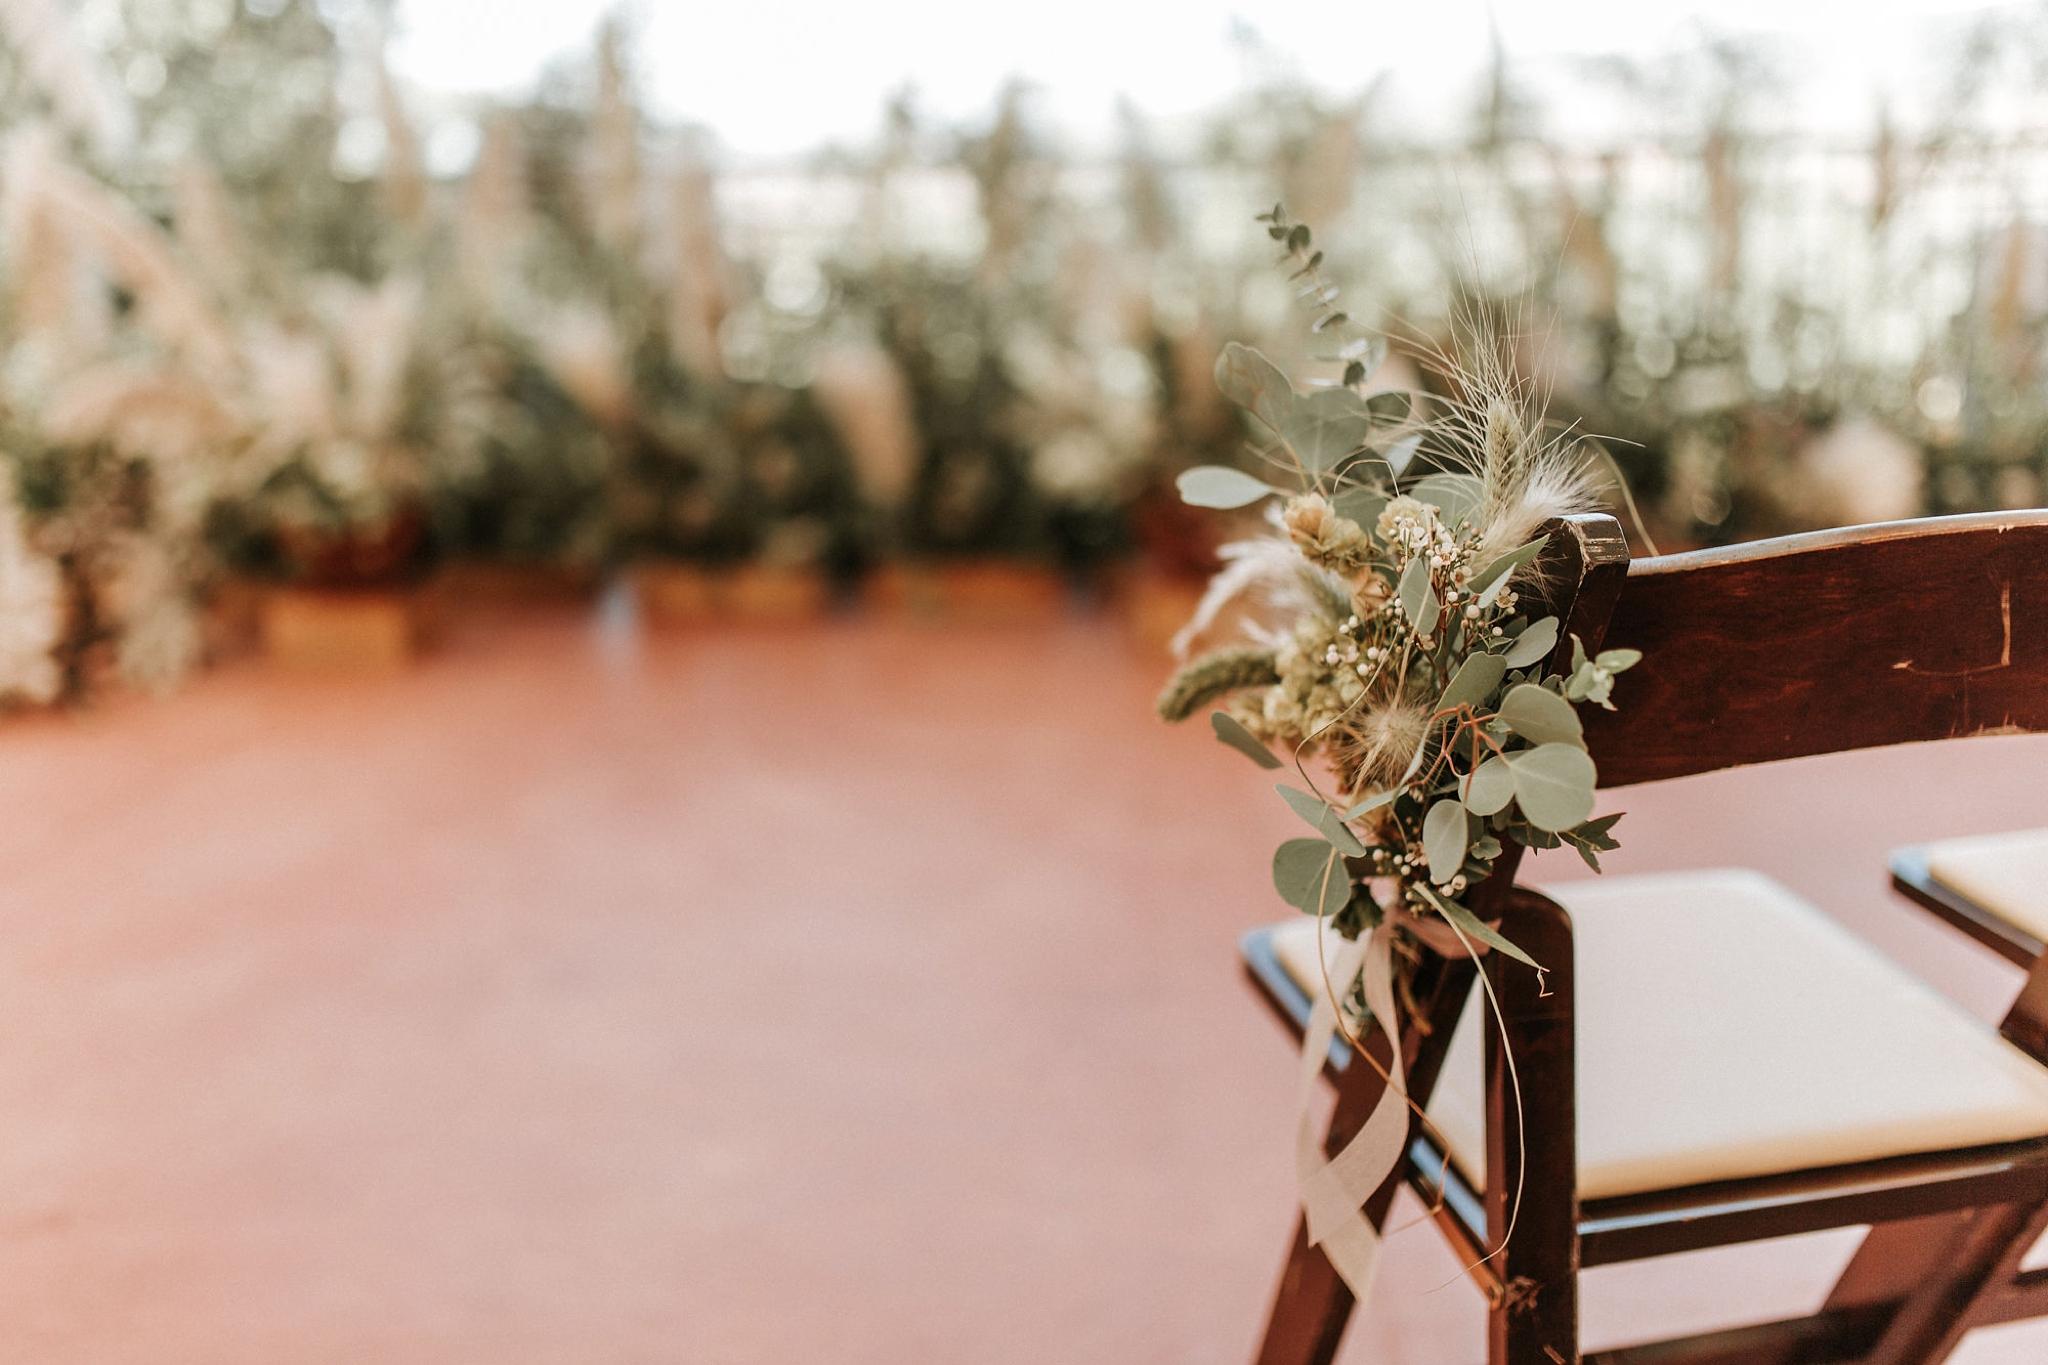 Alicia+lucia+photography+-+albuquerque+wedding+photographer+-+santa+fe+wedding+photography+-+new+mexico+wedding+photographer+-+new+mexico+wedding+-+new+mexico+wedding+-+wedding+florals+-+desert+wedding+-+wedding+trends_0035.jpg